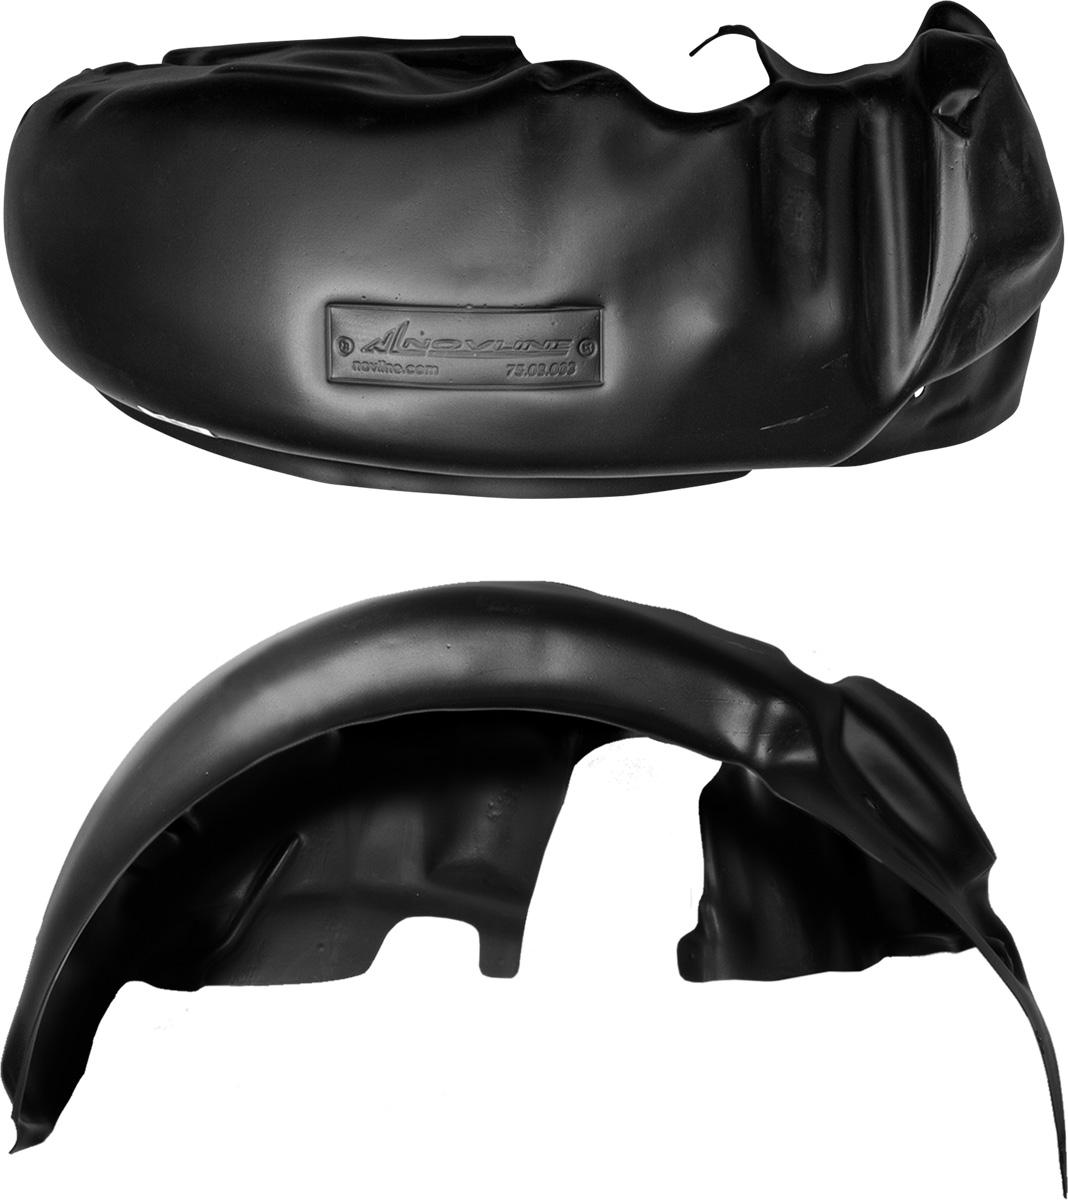 Подкрылок Novline-Autofamily, для Nissan Terrano 4x4 2014-, задний левыйNLL.36.43.003Колесные ниши - одни из самых уязвимых зон днища вашего автомобиля. Они постоянно подвергаются воздействию со стороны дороги. Лучшая, почти абсолютная защита для них - специально отформованные пластиковые кожухи, которые называются подкрылками. Производятся они как для отечественных моделей автомобилей, так и для иномарок. Подкрылки Novline-Autofamily выполнены из высококачественного, экологически чистого пластика. Обеспечивают надежную защиту кузова автомобиля от пескоструйного эффекта и негативного влияния, агрессивных антигололедных реагентов. Пластик обладает более низкой теплопроводностью, чем металл, поэтому в зимний период эксплуатации использование пластиковых подкрылков позволяет лучше защитить колесные ниши от налипания снега и образования наледи. Оригинальность конструкции подчеркивает элегантность автомобиля, бережно защищает нанесенное на днище кузова антикоррозийное покрытие и позволяет осуществить крепление подкрылков внутри колесной арки практически без дополнительного крепежа и сверления, не нарушая при этом лакокрасочного покрытия, что предотвращает возникновение новых очагов коррозии. Подкрылки долговечны, обладают высокой прочностью и сохраняют заданную форму, а также все свои физико-механические характеристики в самых тяжелых климатических условиях (от -50°С до +50°С).Уважаемые клиенты!Обращаем ваше внимание, на тот факт, что подкрылок имеет форму, соответствующую модели данного автомобиля. Фото служит для визуального восприятия товара.